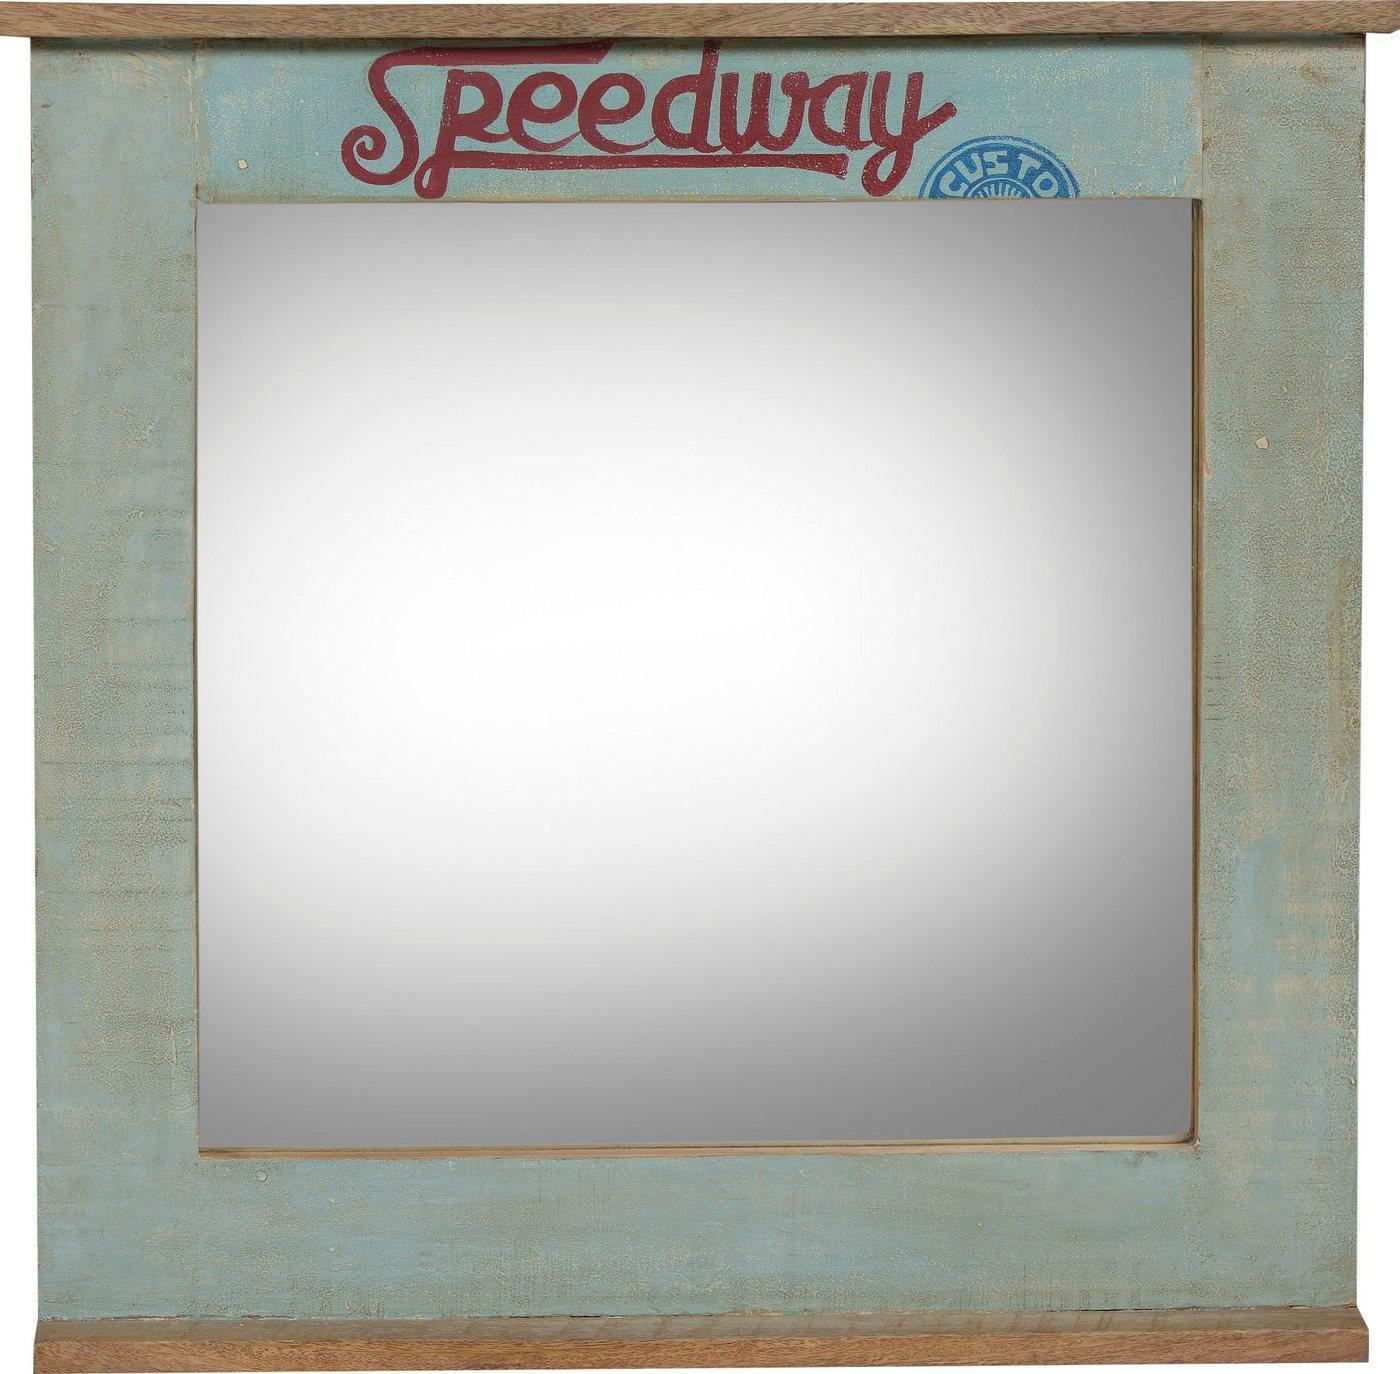 SIT Spiegel »Speedway«